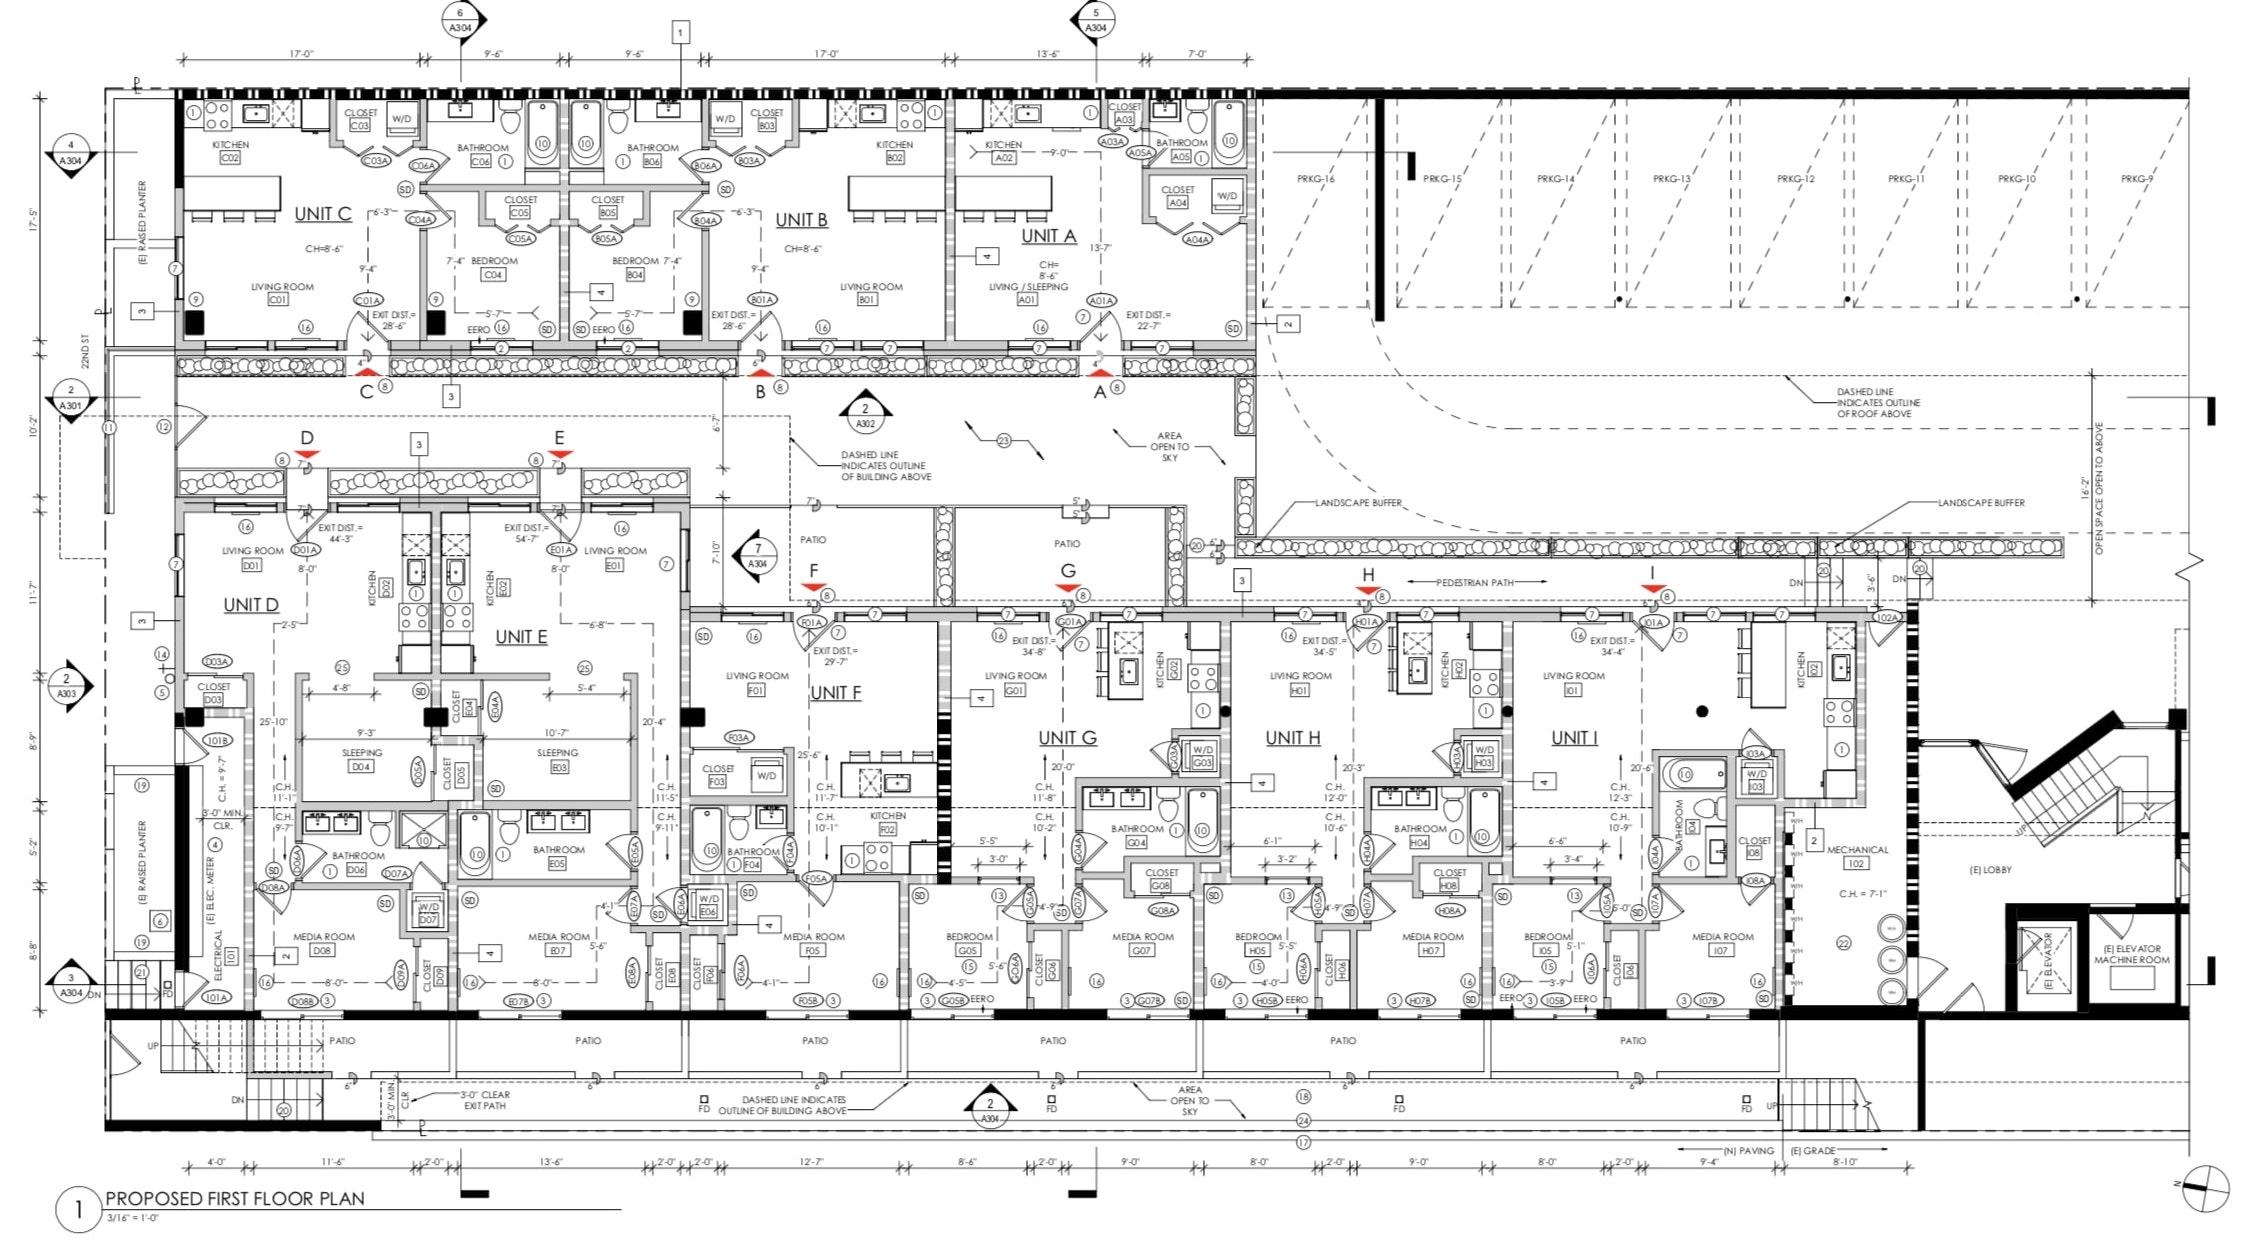 642 Alvarado Street First FLoor Plan